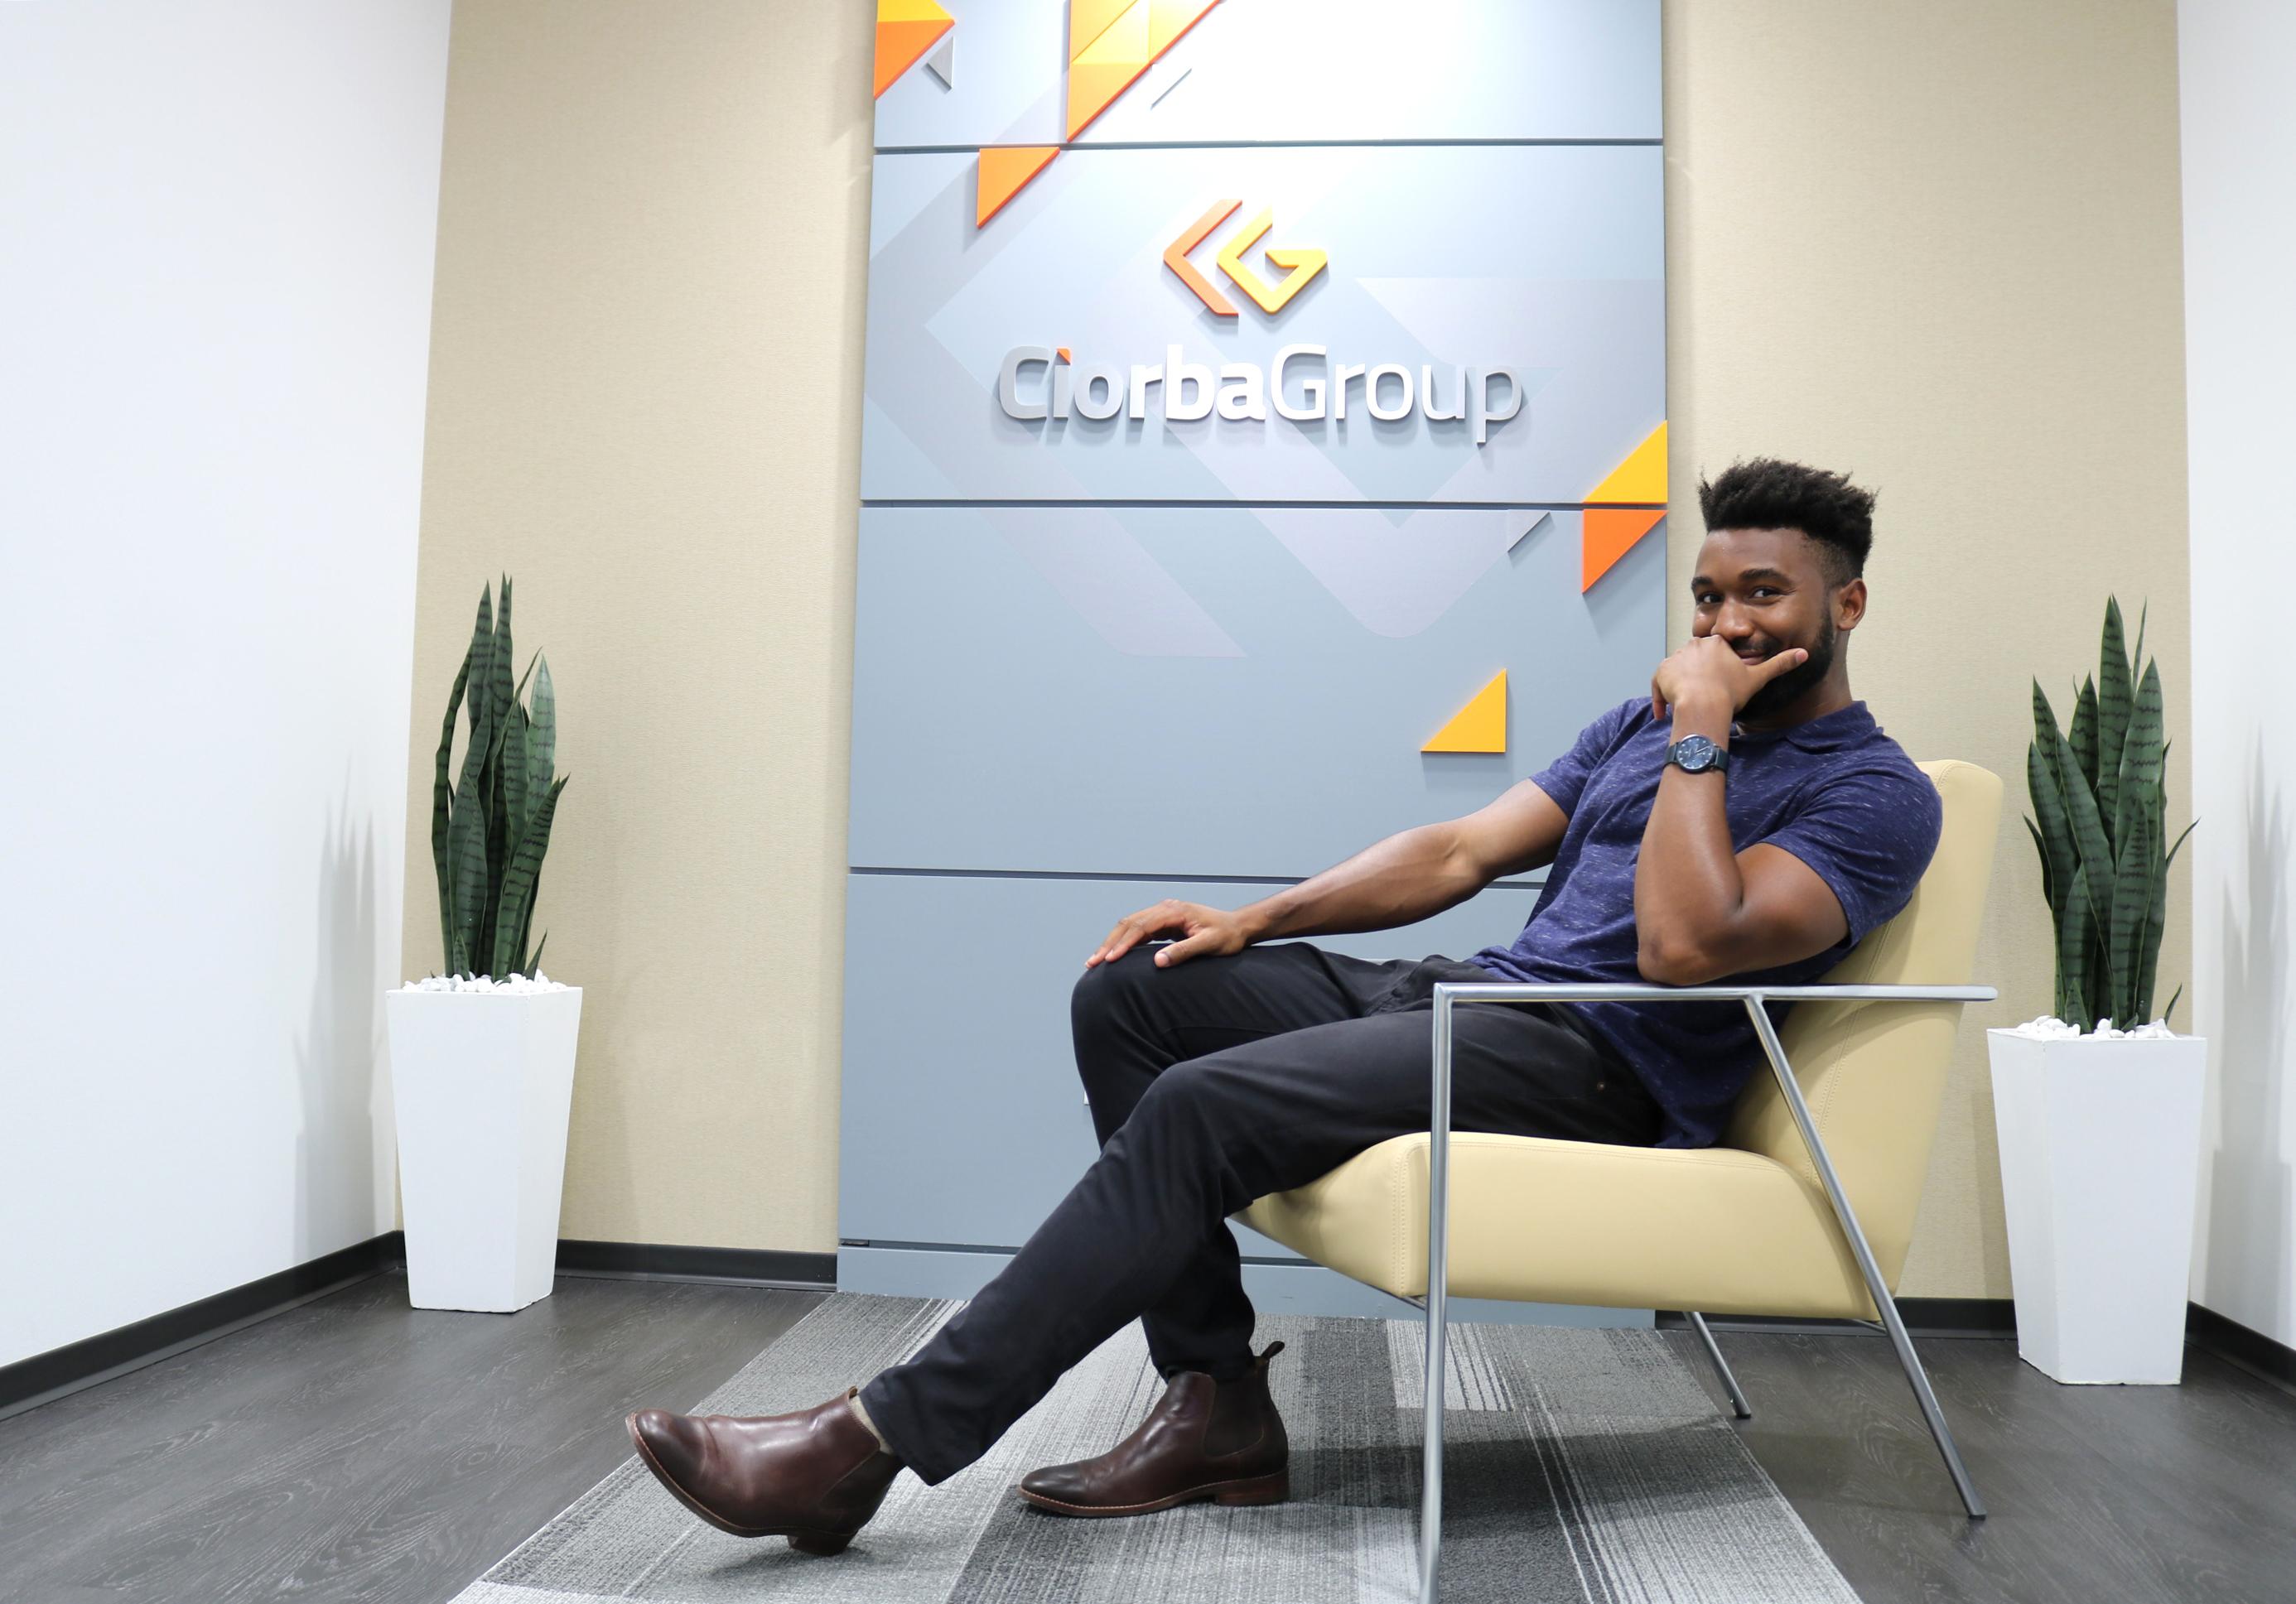 AJ in the Spotlight | Ciorba Group